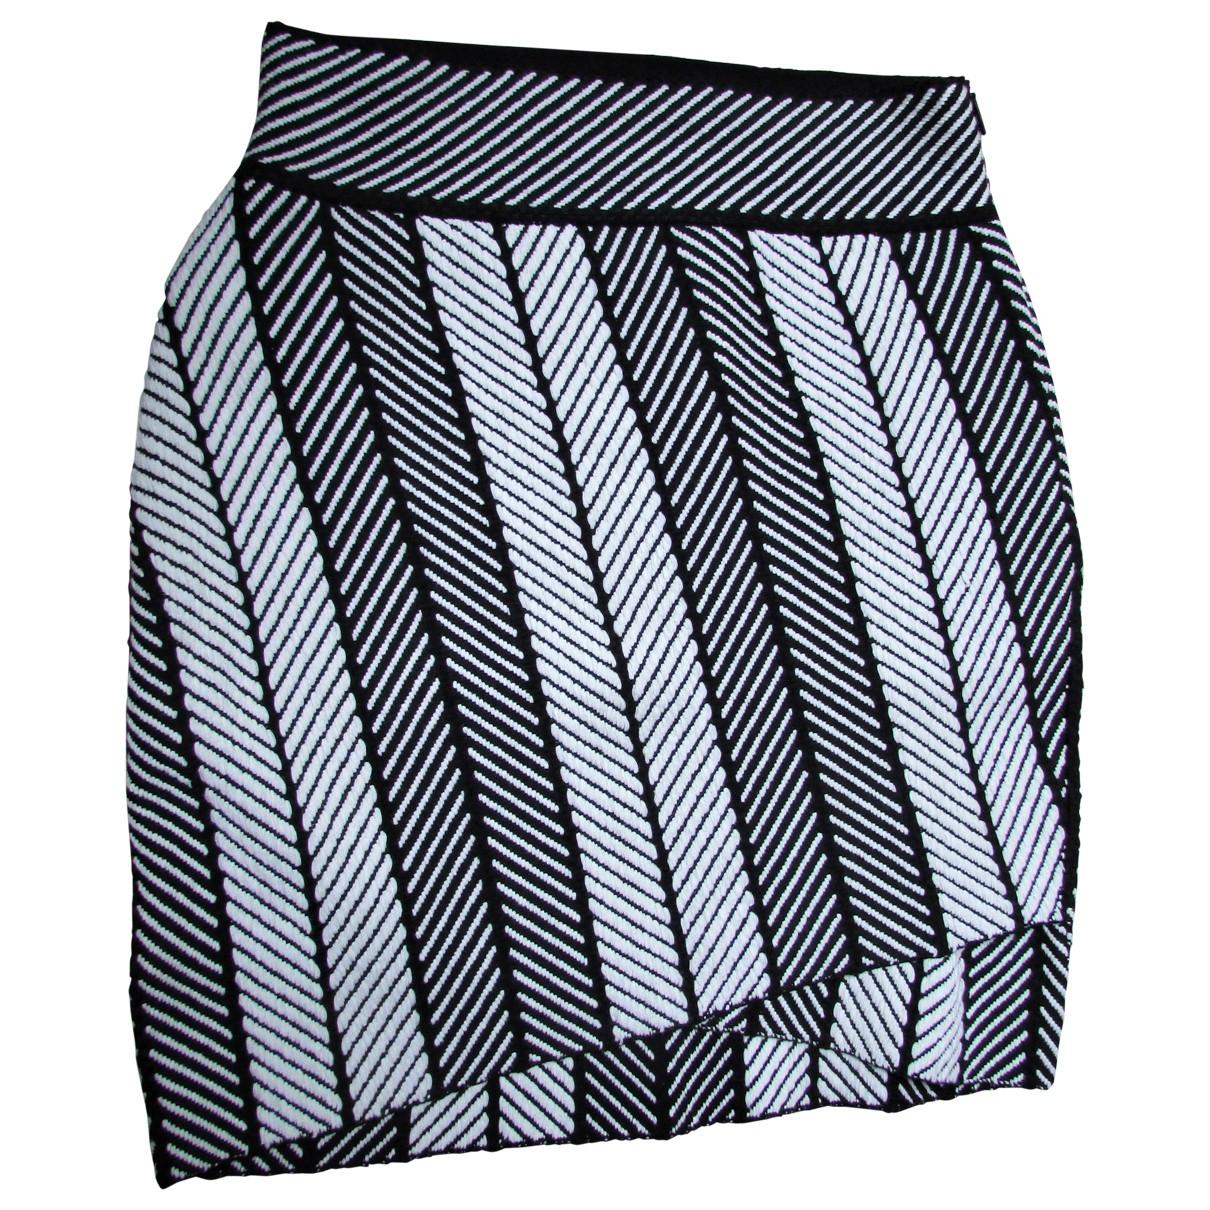 Maje Fall Winter 2019 Black skirt for Women 38 FR